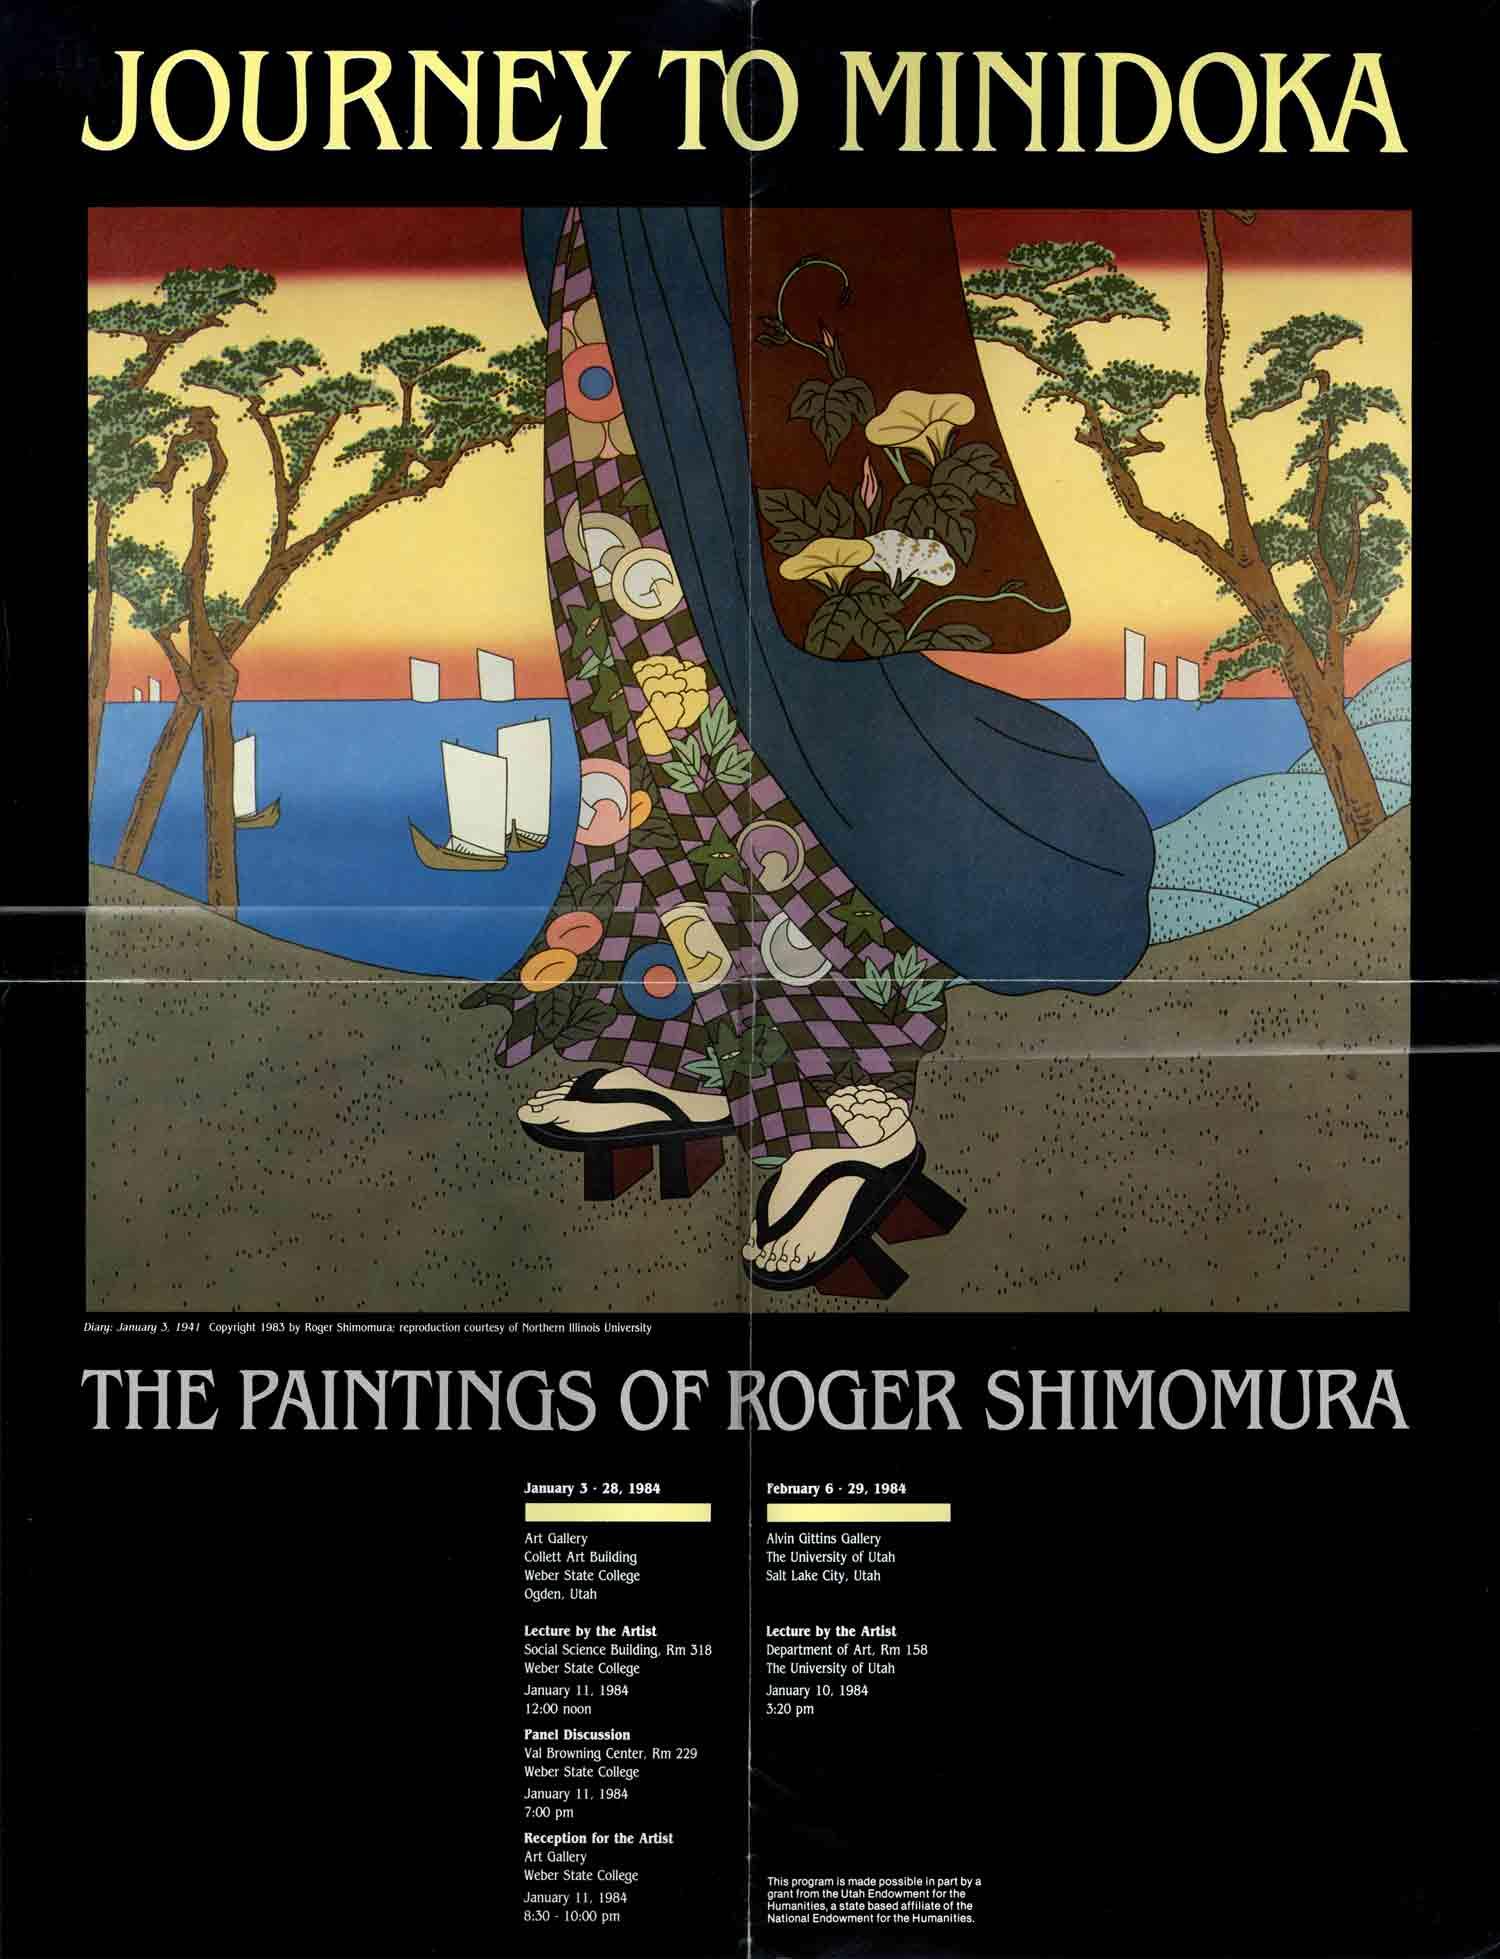 Roger Shimomura, poster